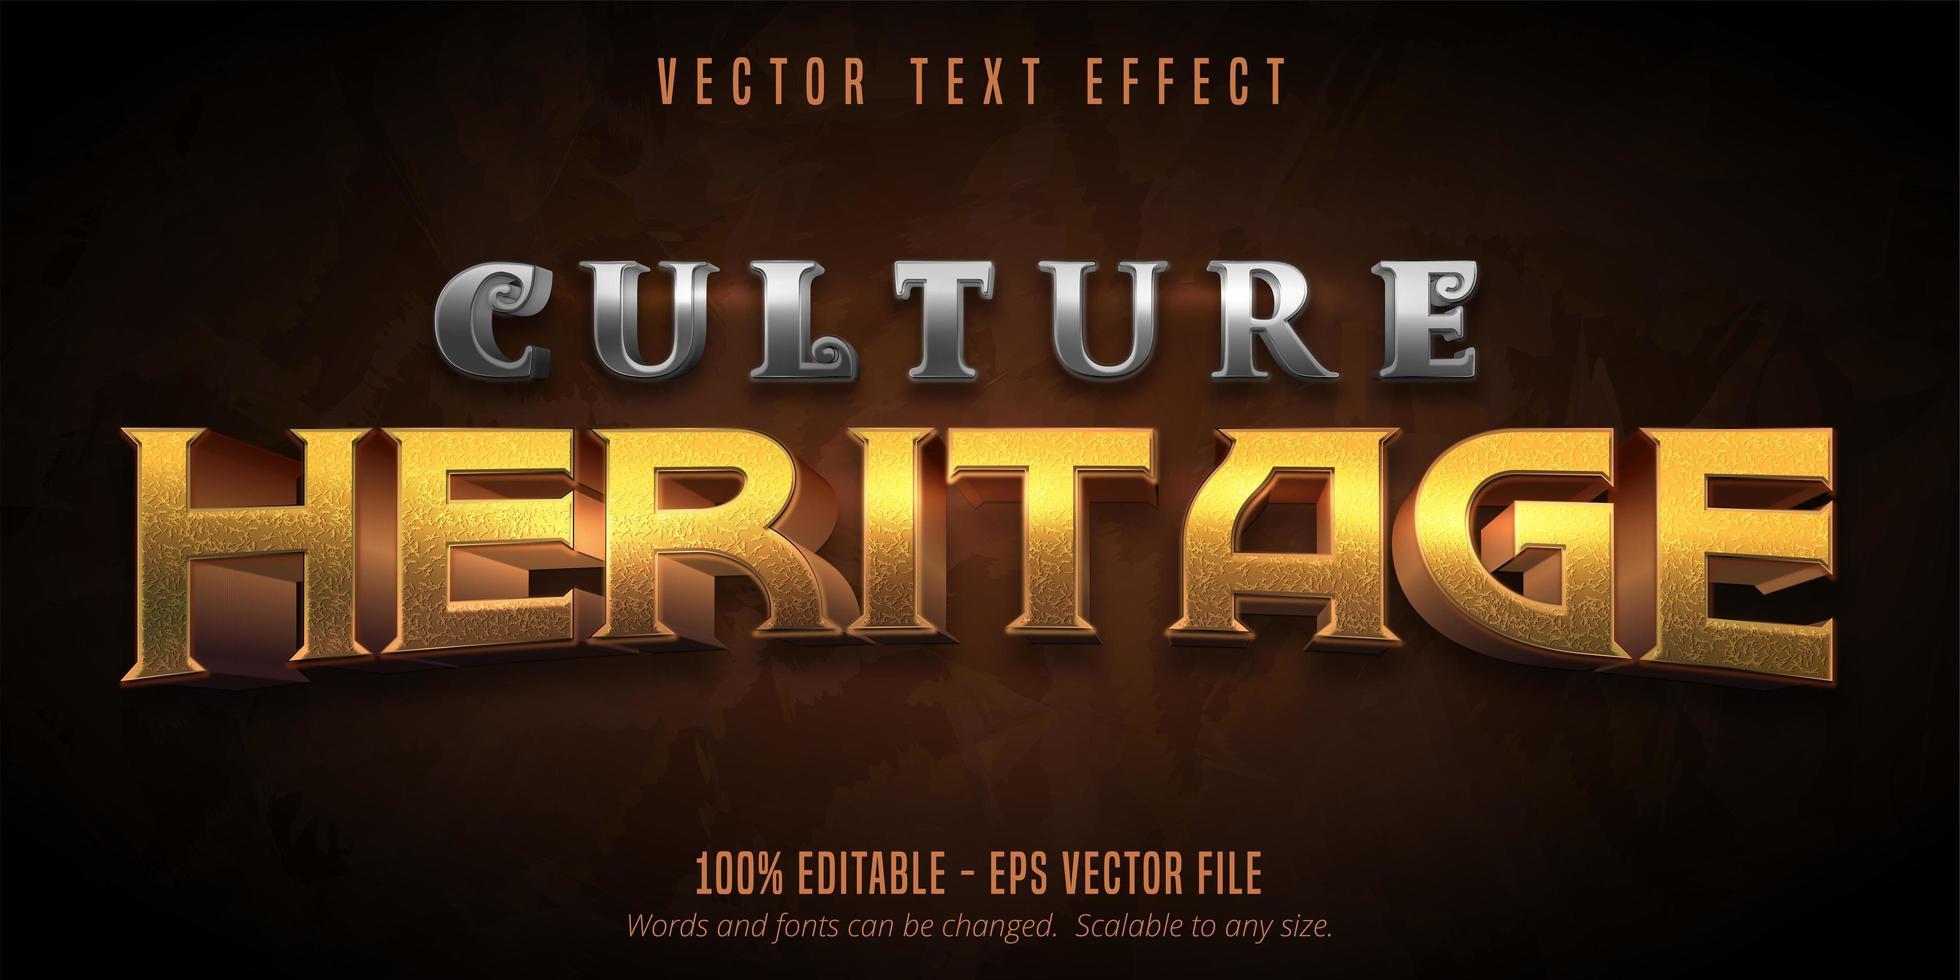 cultura herança metálico texturizado jogo estilo efeito de texto vetor